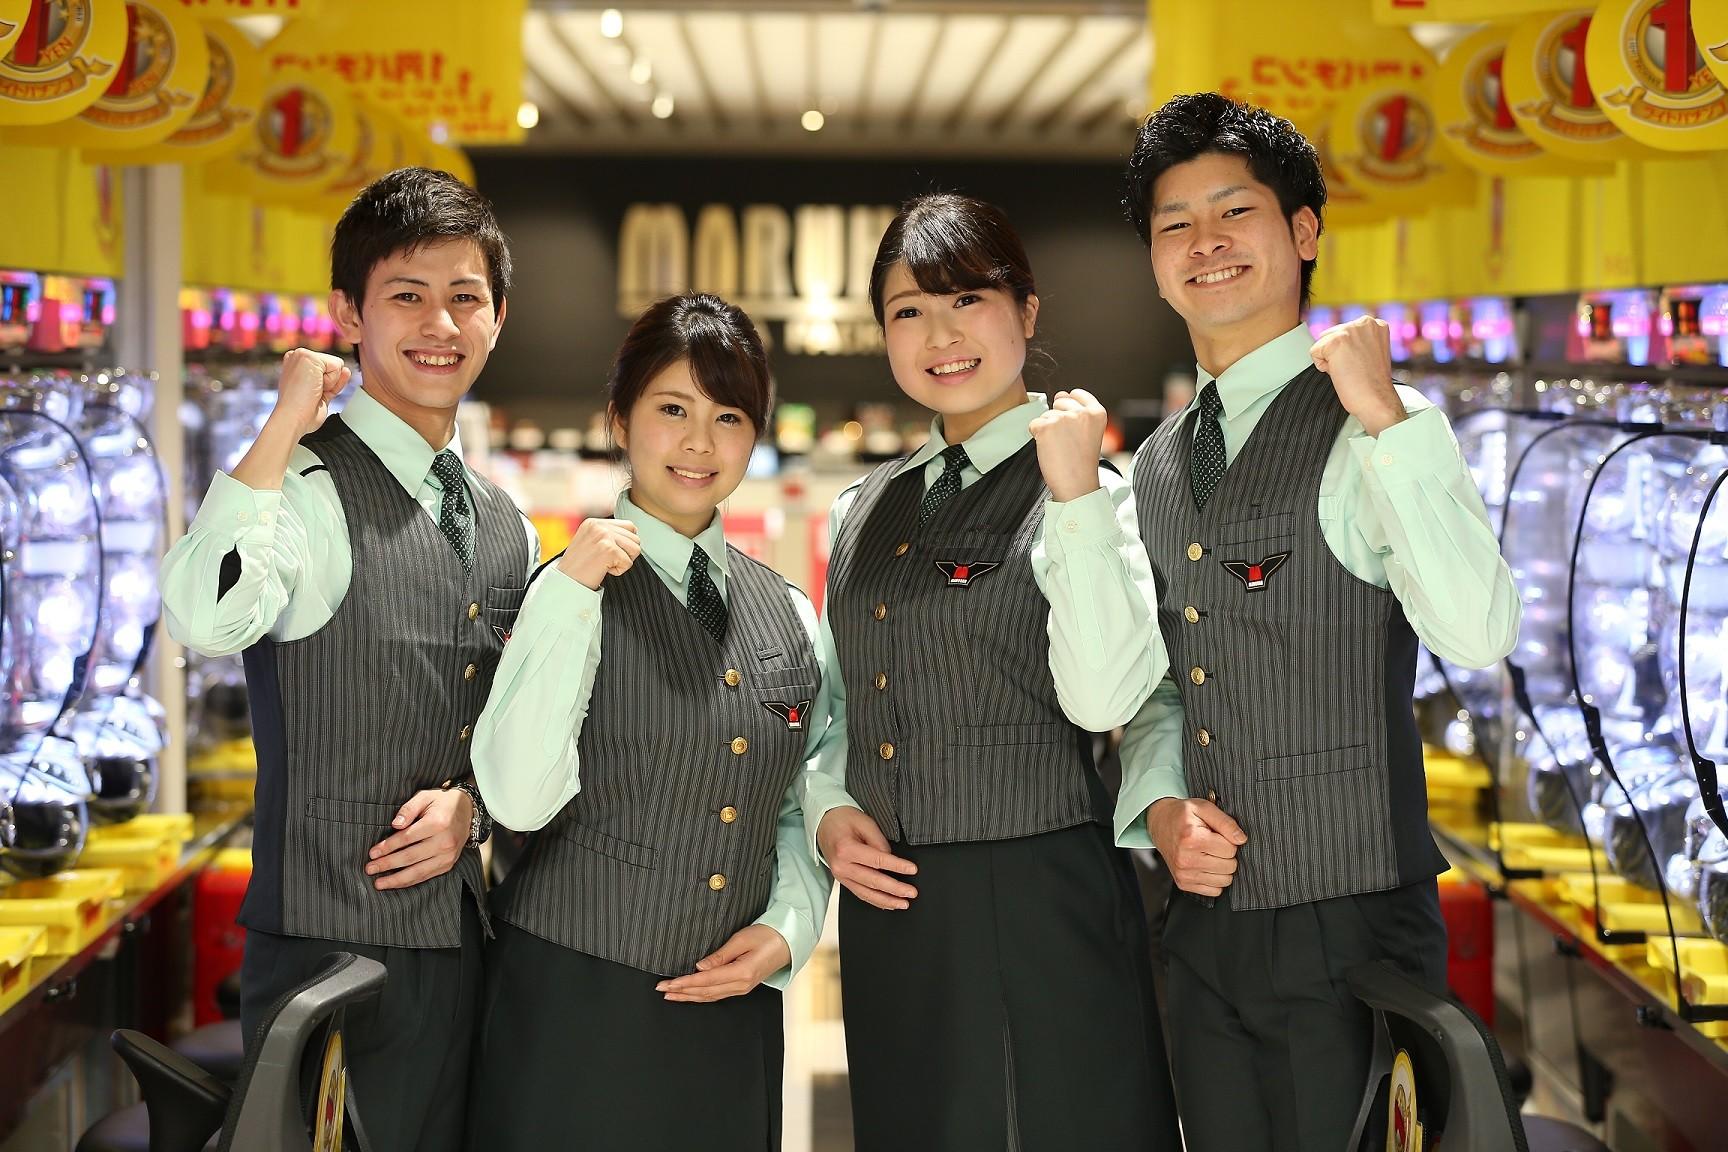 マルハン 大牟田銀水店[4004]のアルバイト情報